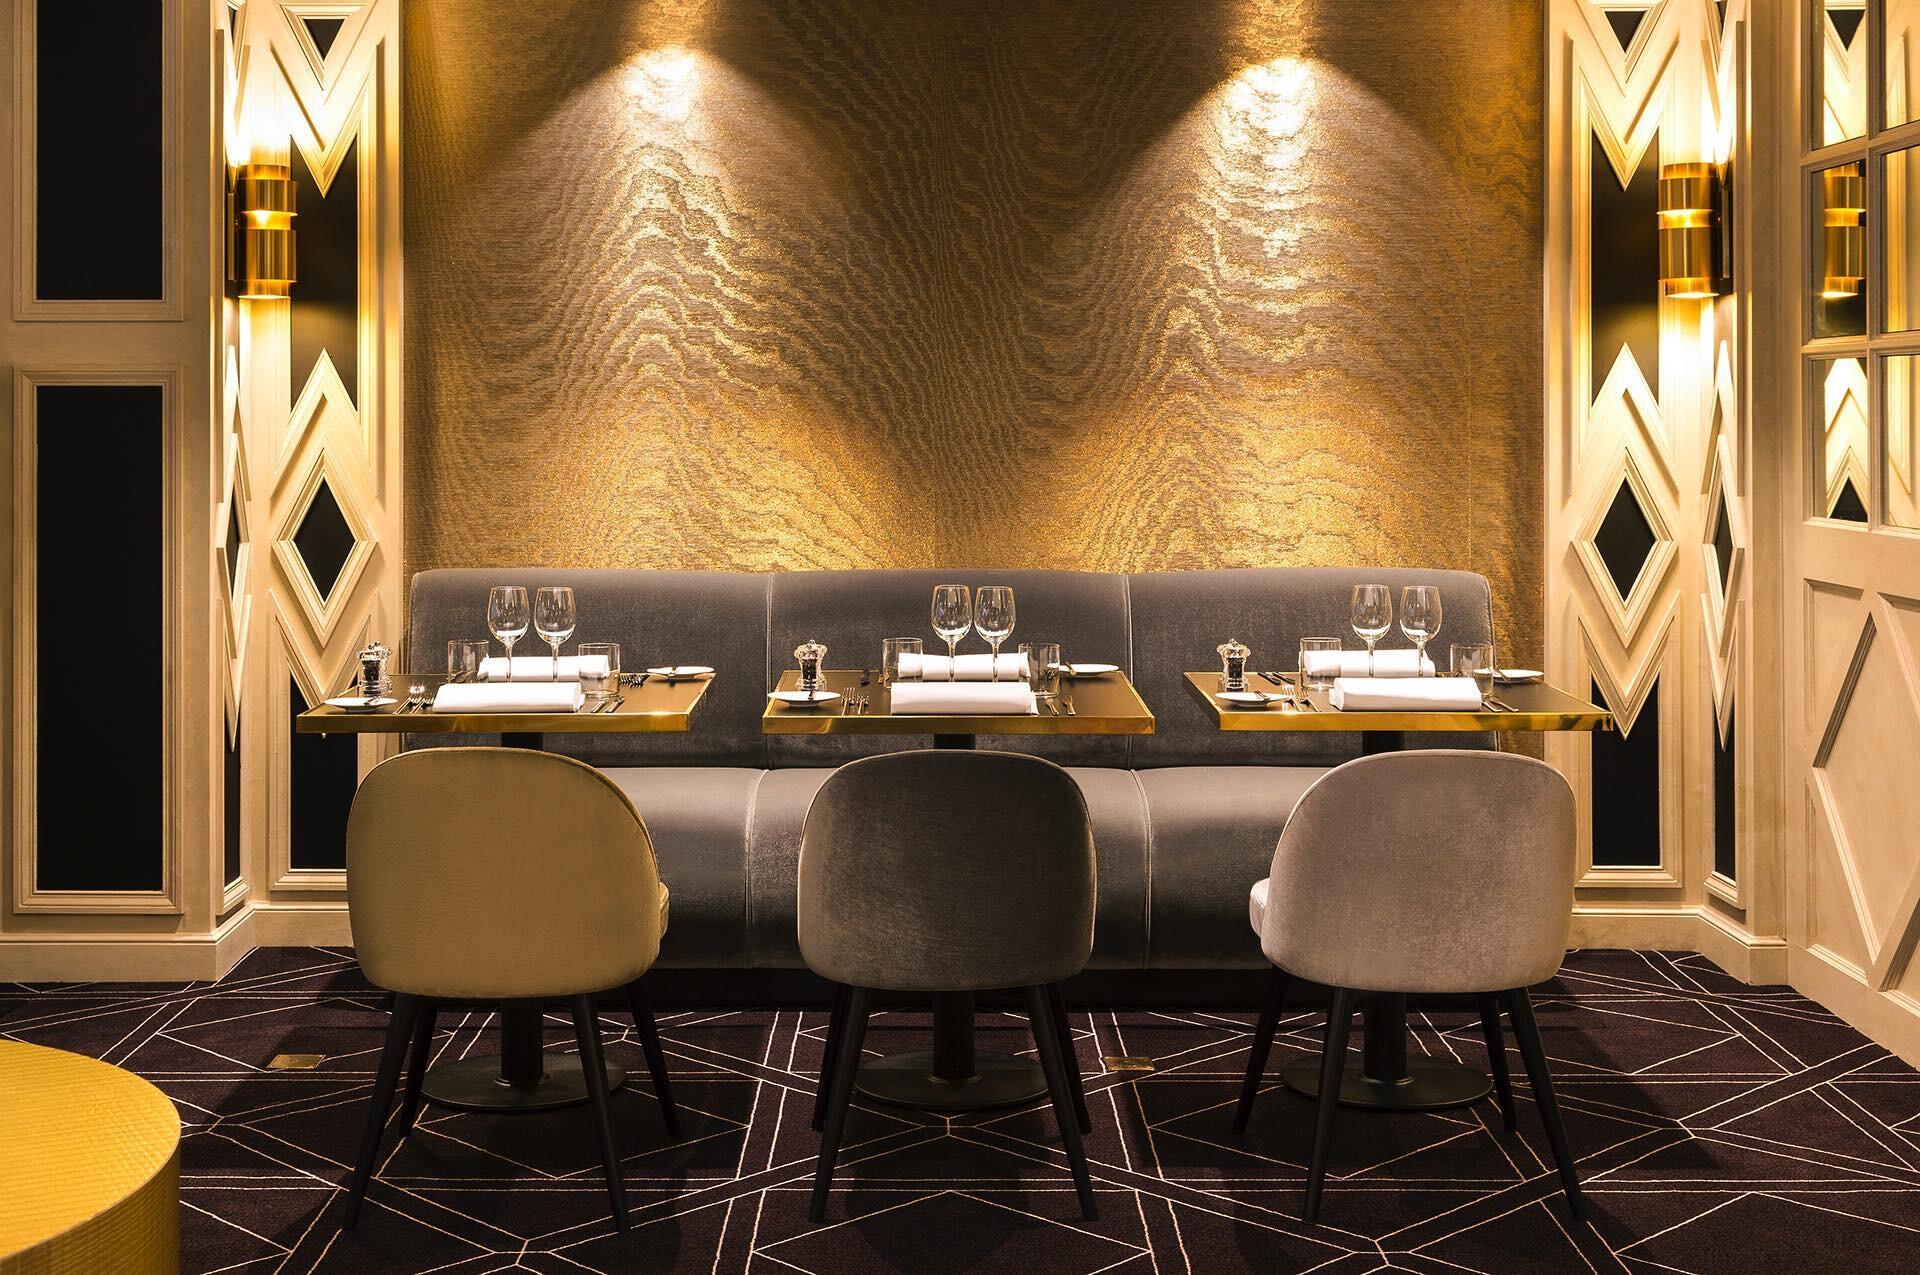 Table pour 6personnes au restaurant The Avenue à l'Hotel Barsey